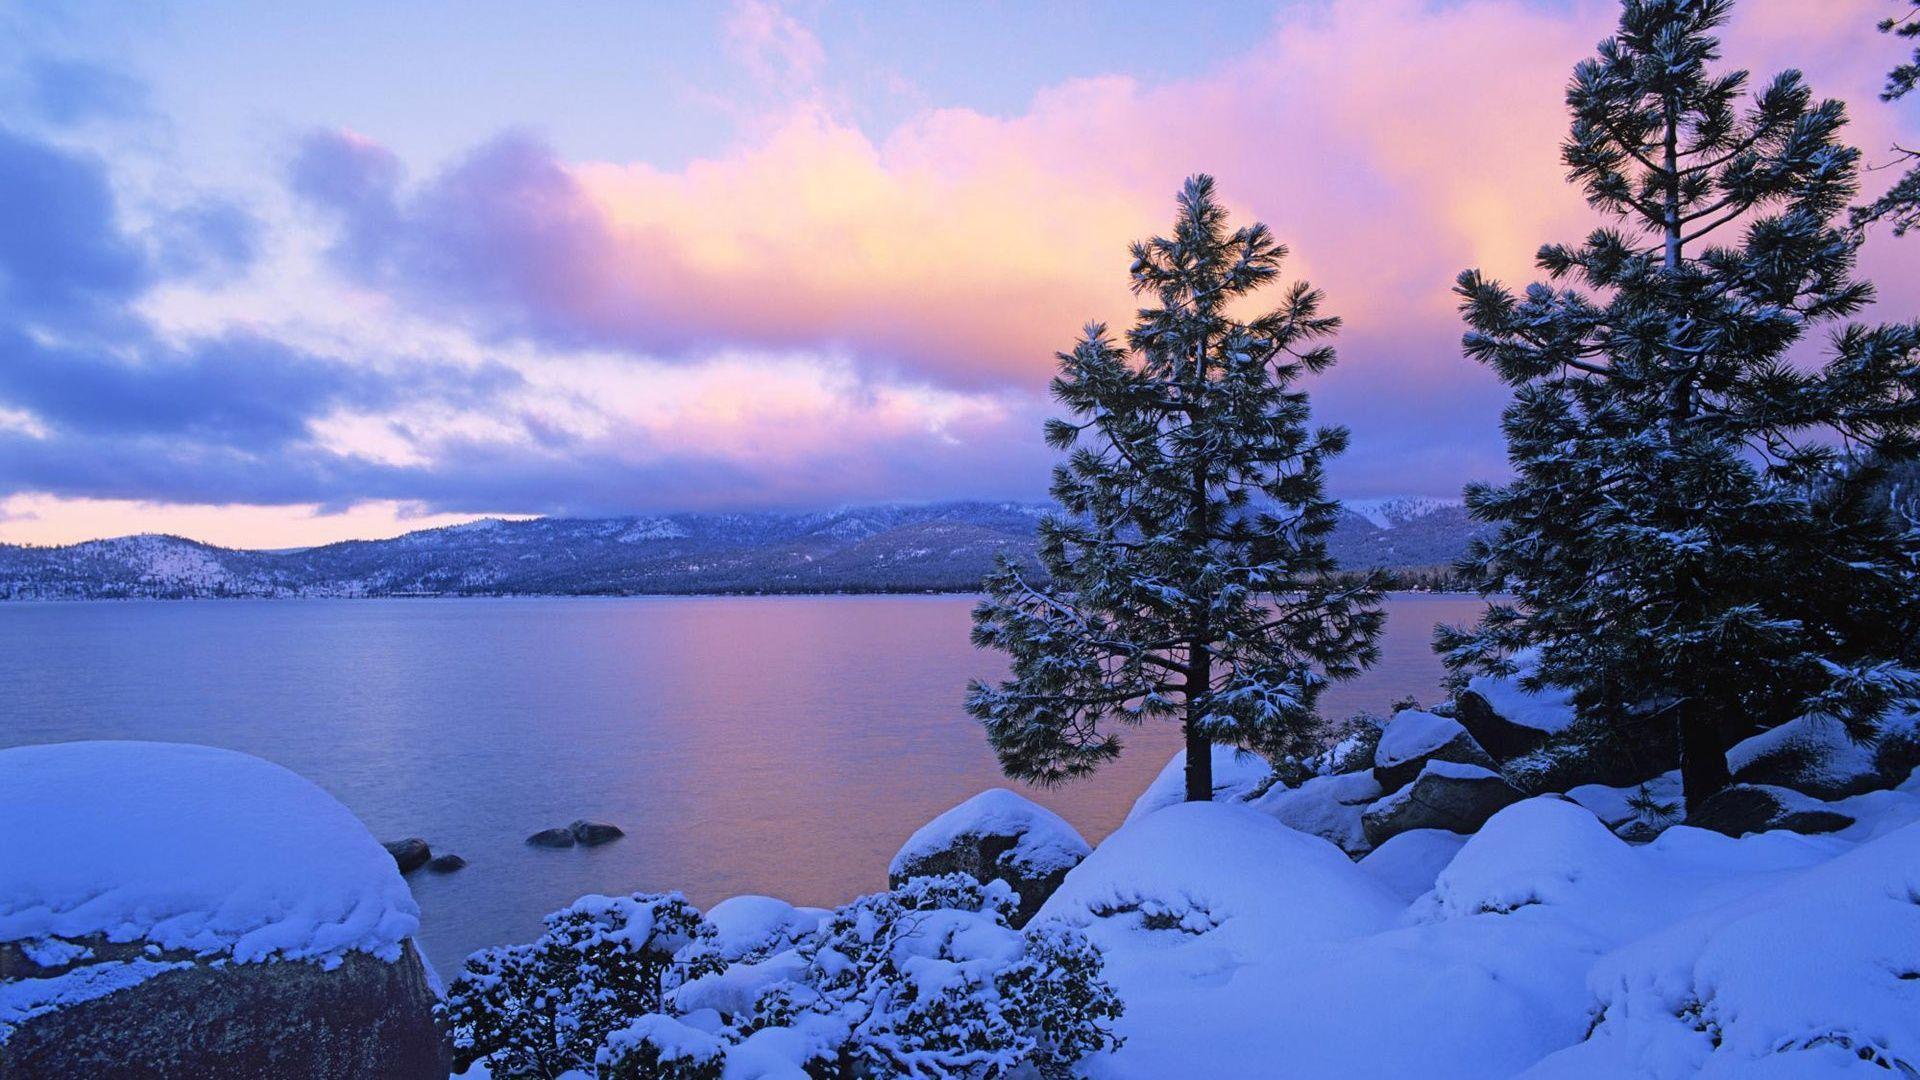 <b>Download 1600x900 Winter</b> Wonderland <b>Wallpaper</b>